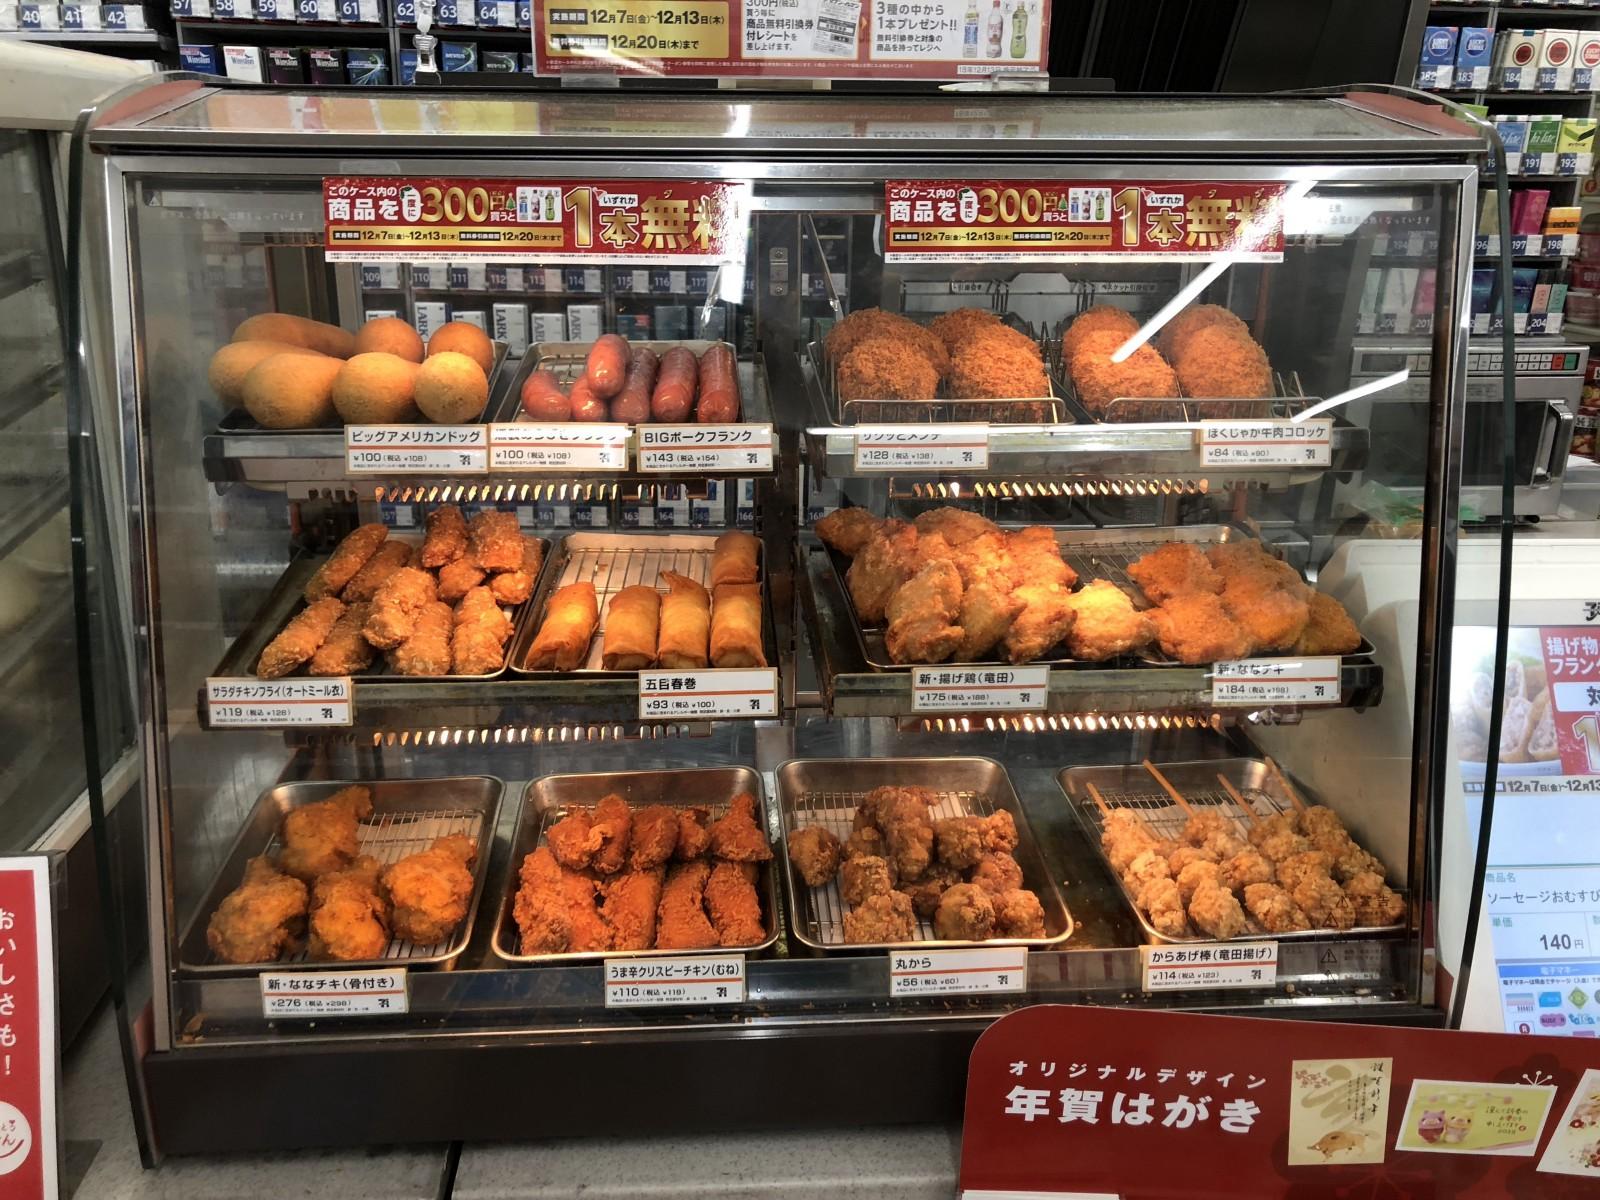 Image result for japan 7 eleven chicken